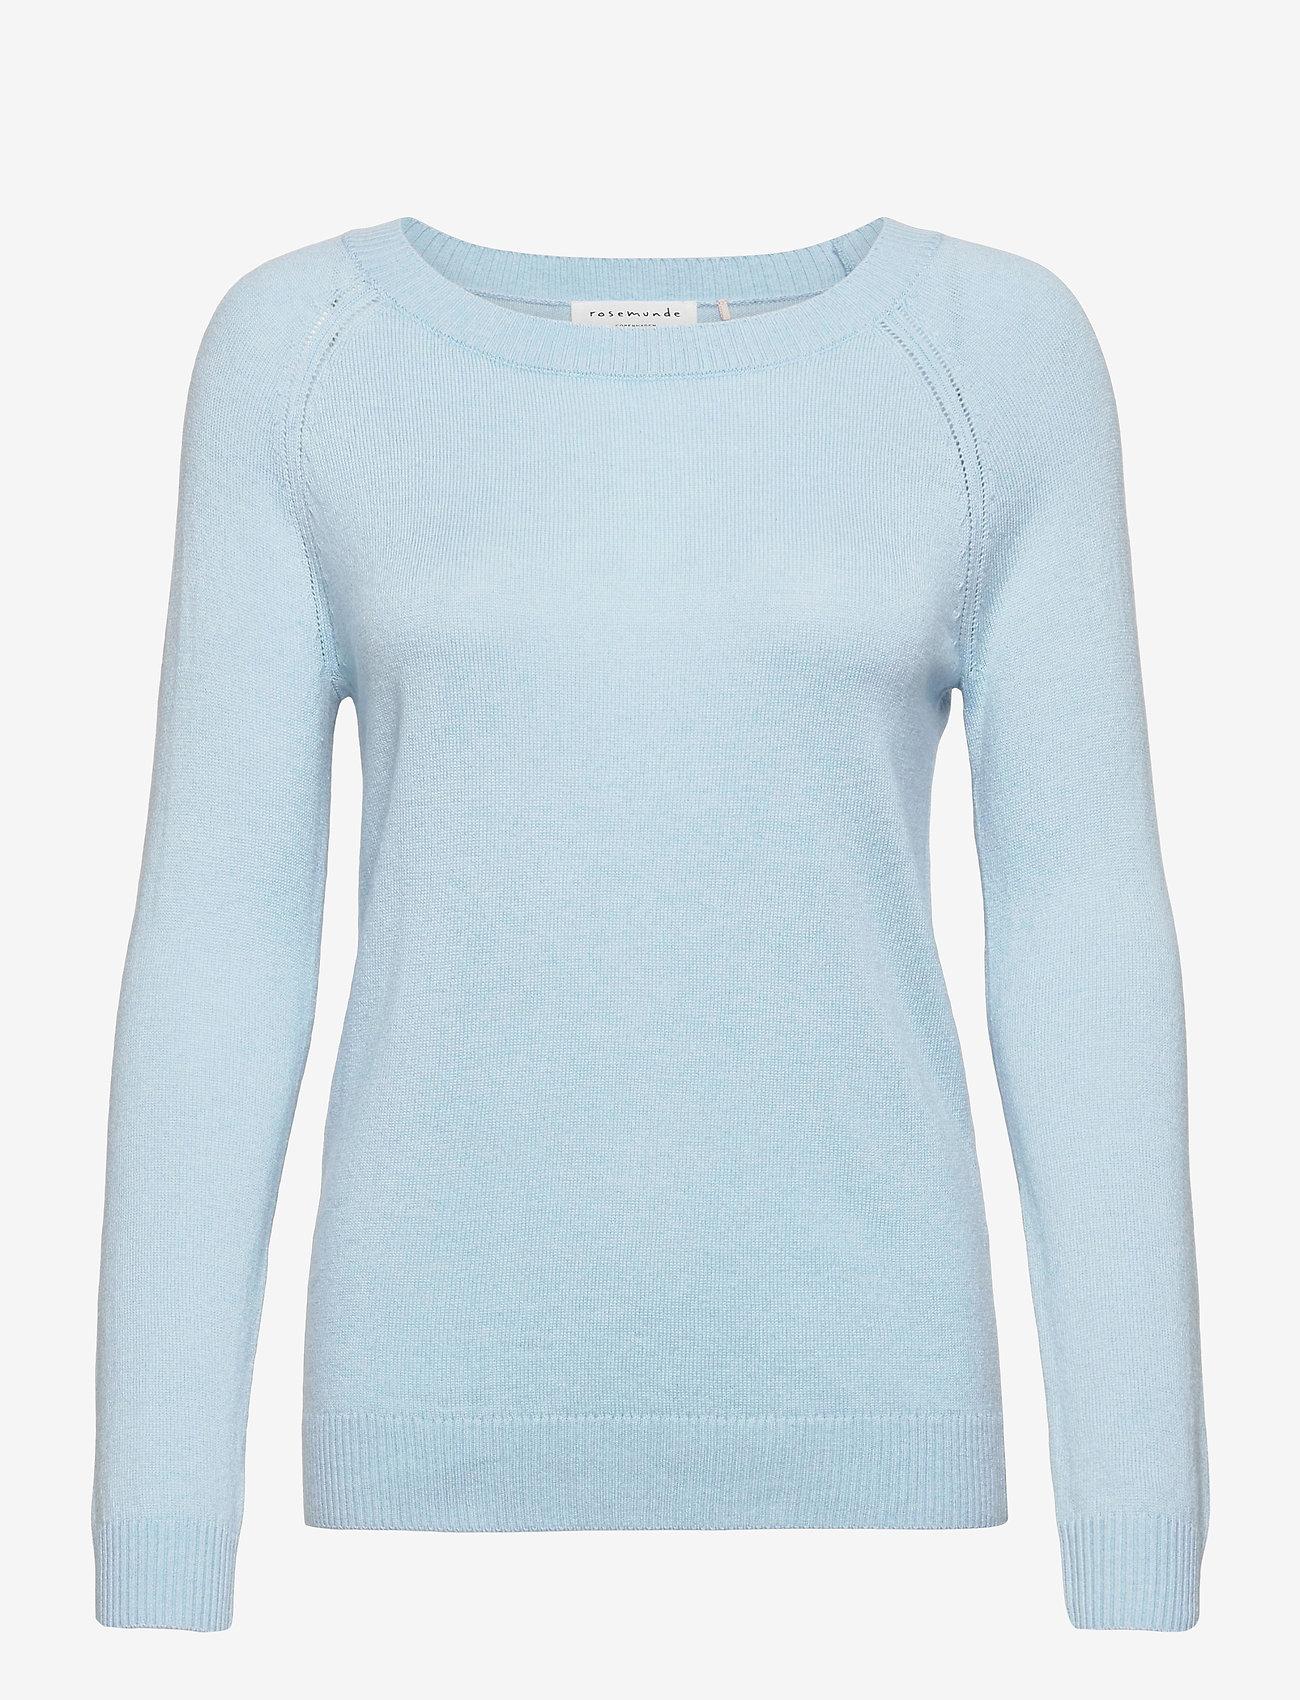 Rosemunde - Pullover ls - tröjor - dream blue - 0